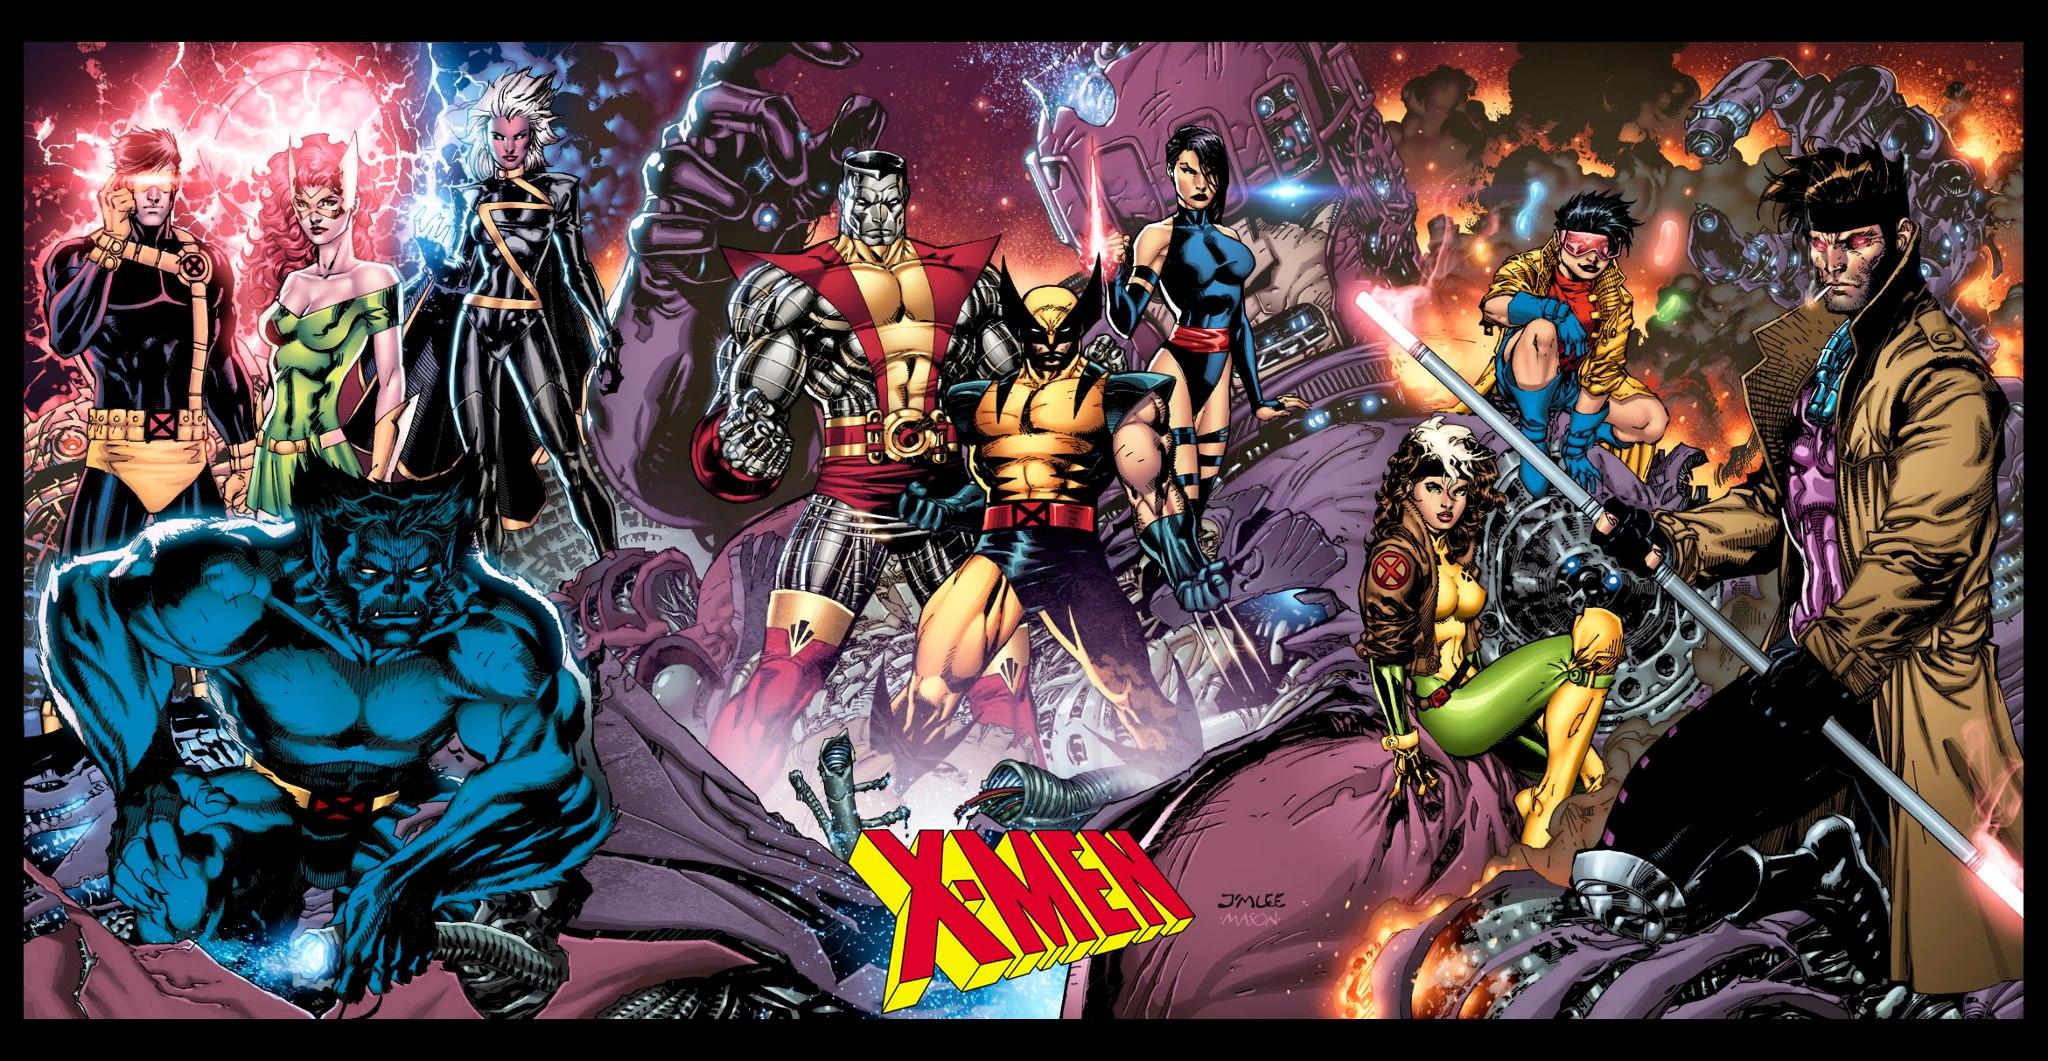 Los X-Men y la metáfora de la lucha por la igualdad